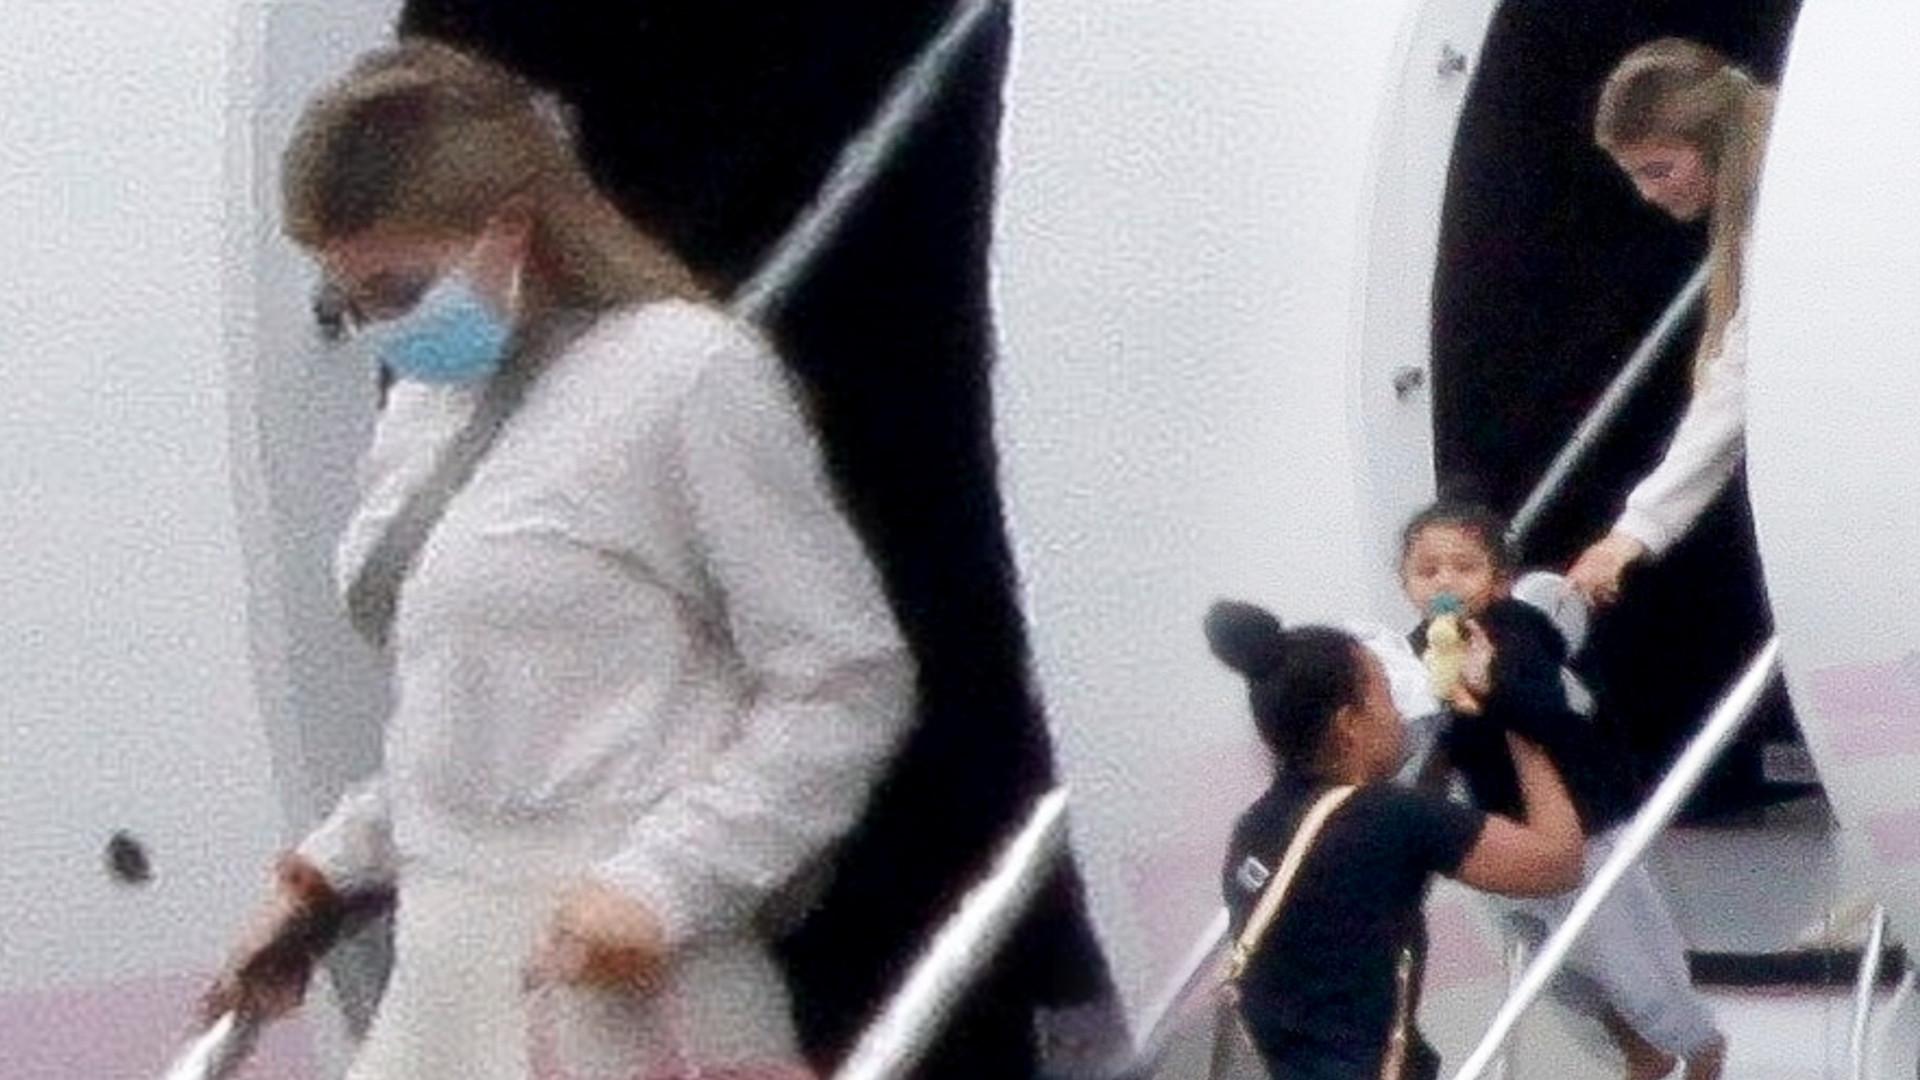 Kylie Jenner z Travisem Scottem i Stormi wysiada z biało-różowego prywatnego odrzutowca (ZDJĘCIA)